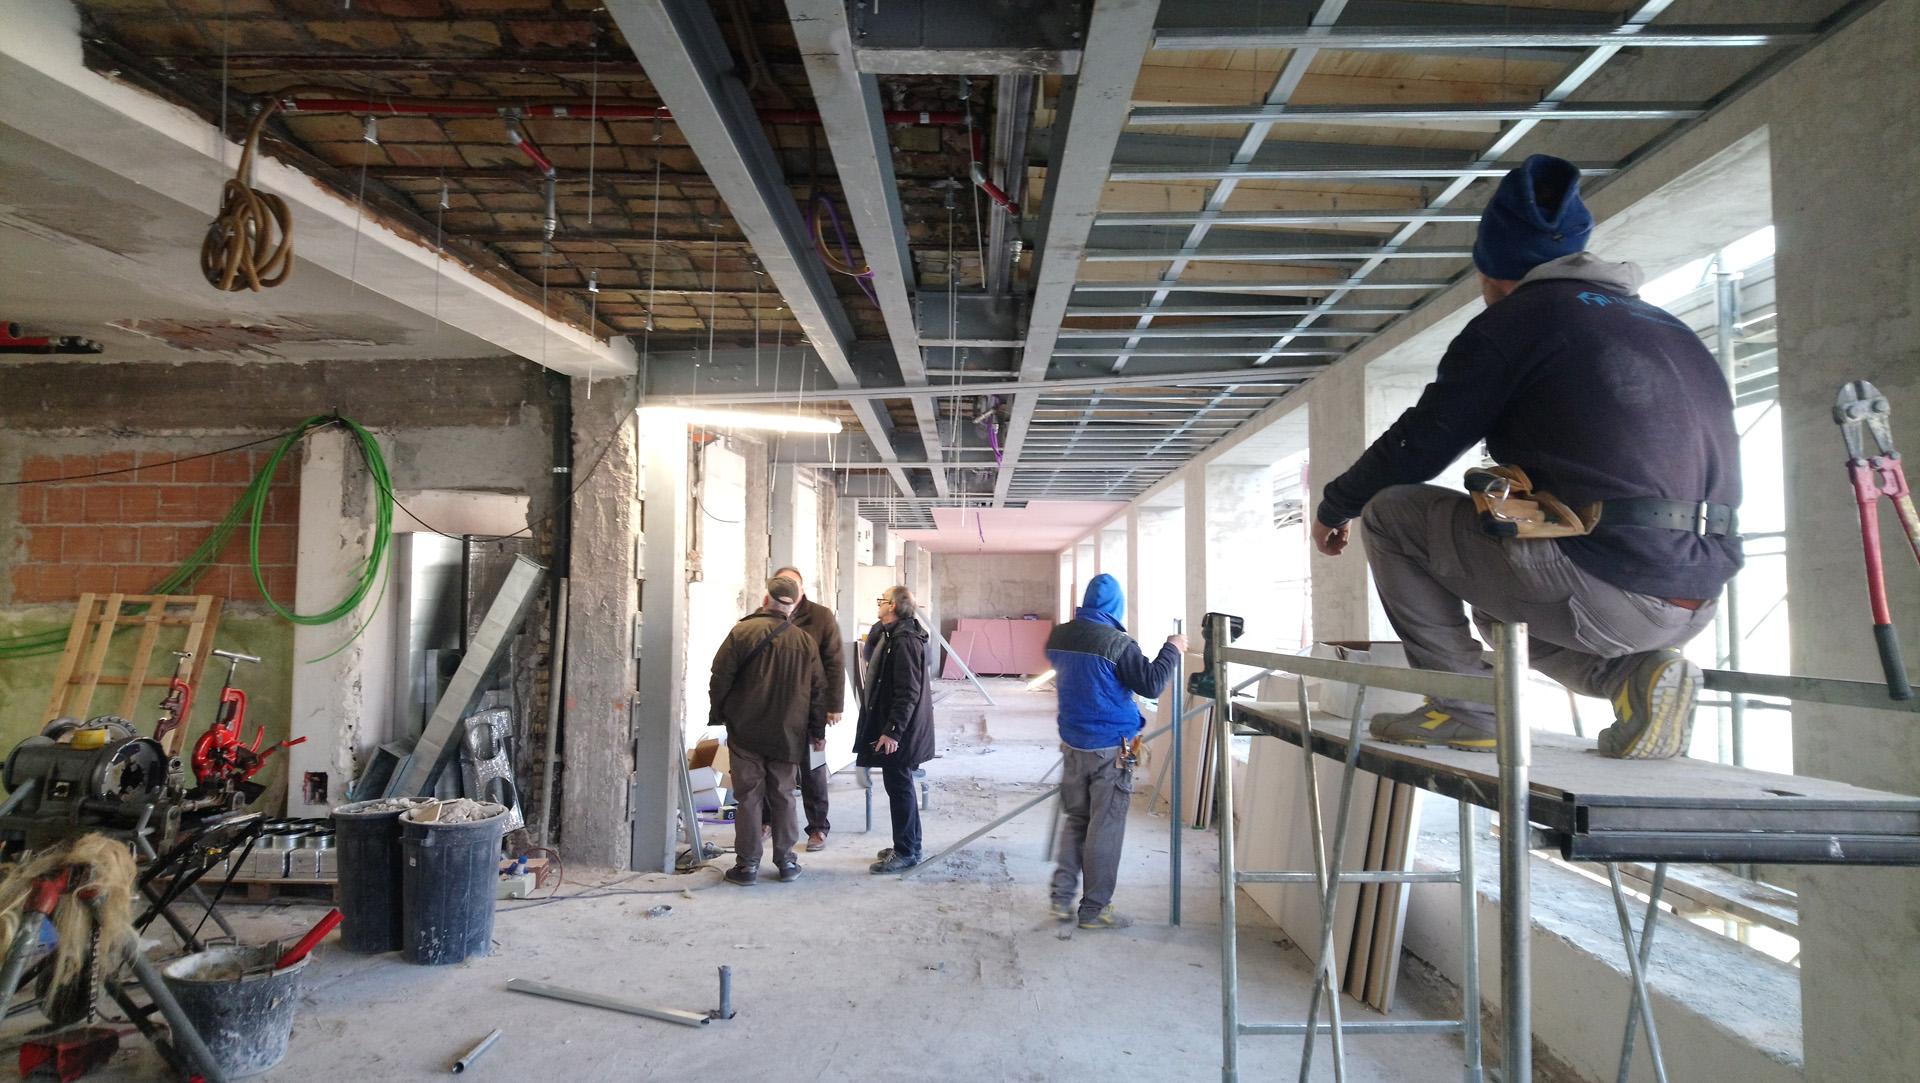 Sostituzione Travi In Legno Solai consolidamento hotel bernini bristol – st art it